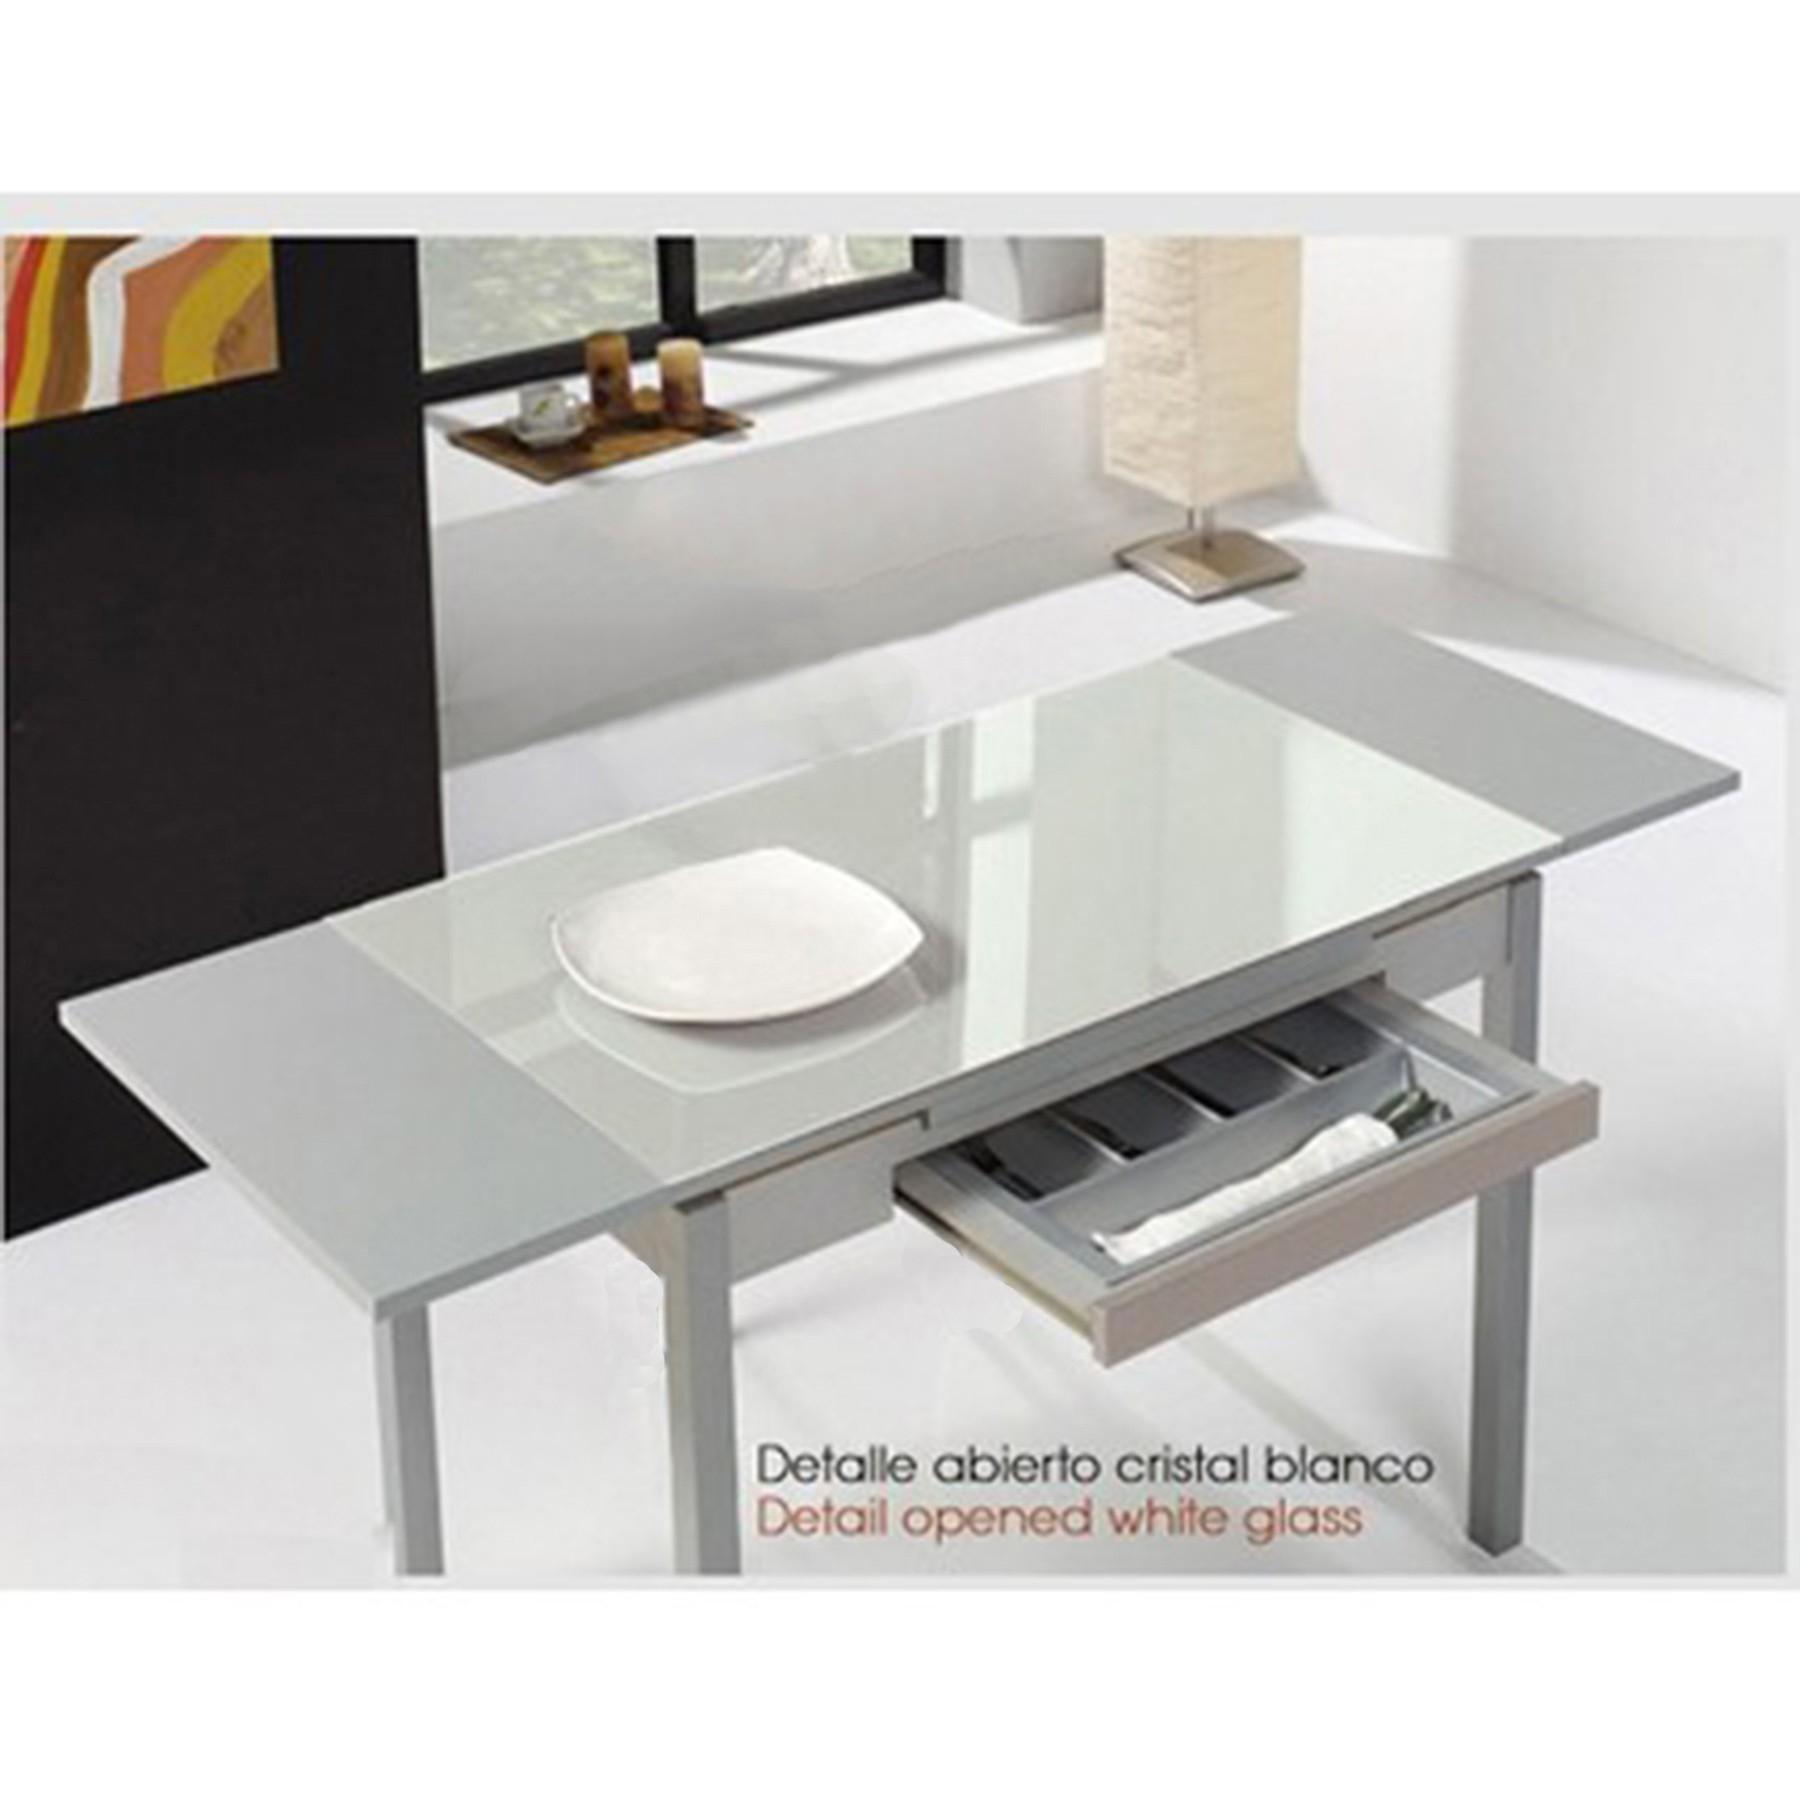 Mesa extraible cocina dise os arquitect nicos - Mesa cocina cuadrada ...